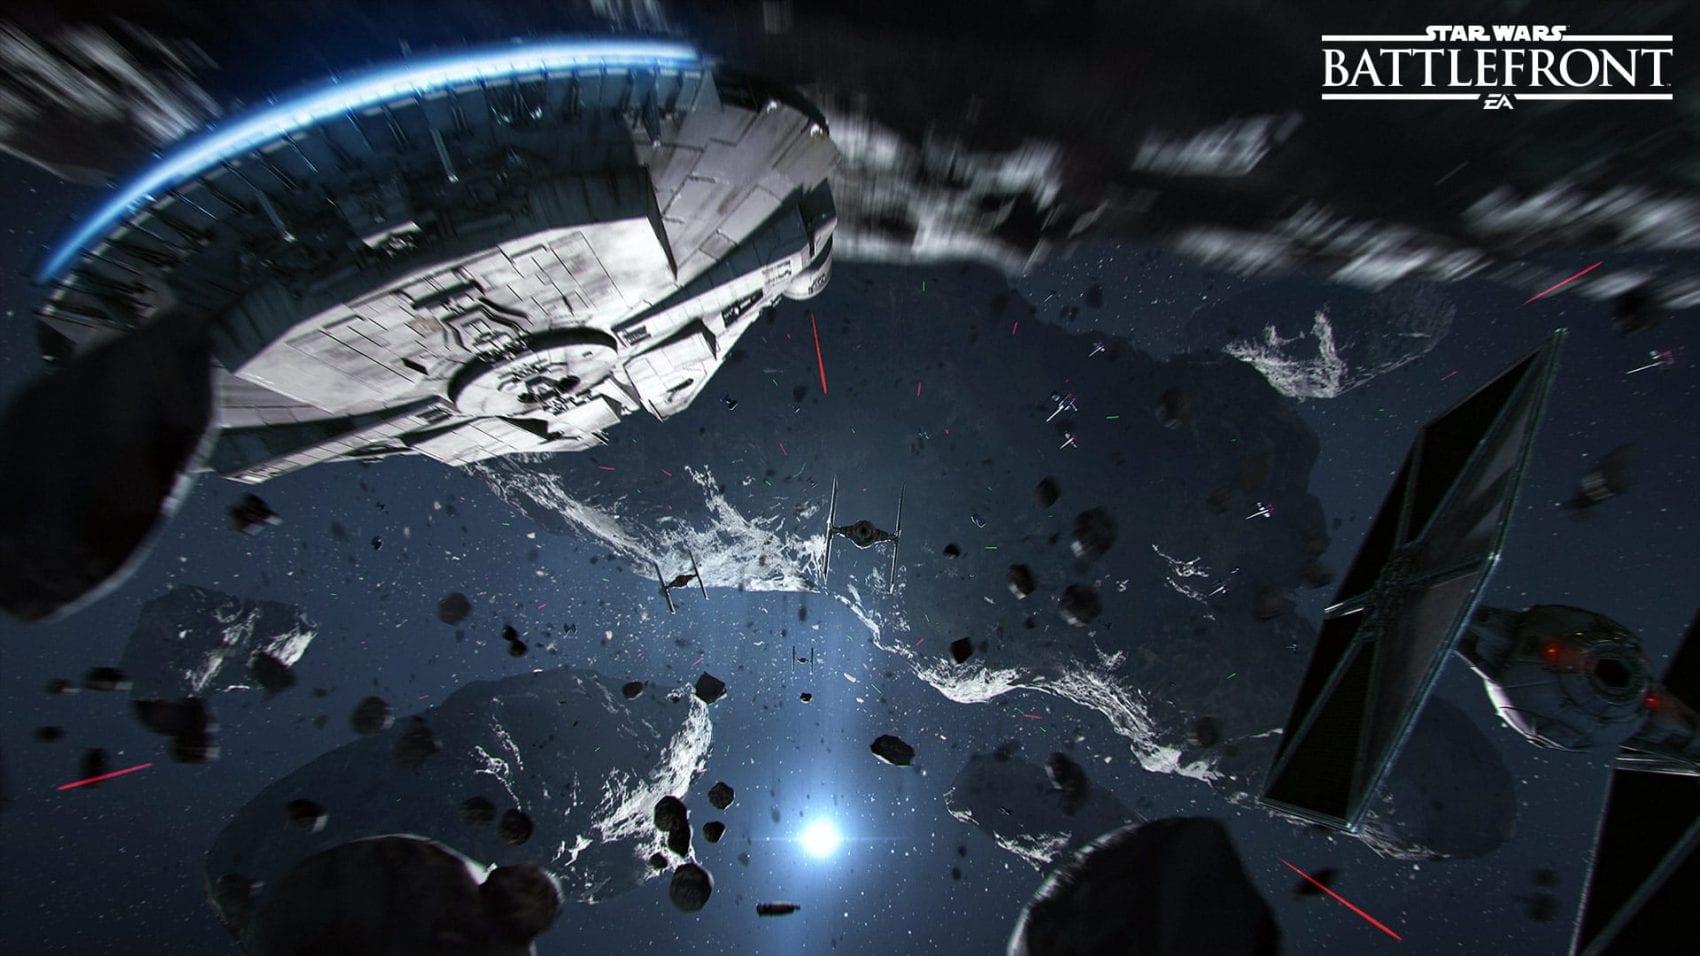 Star Wars Battlefront Death Star News My Geek Actu Cover